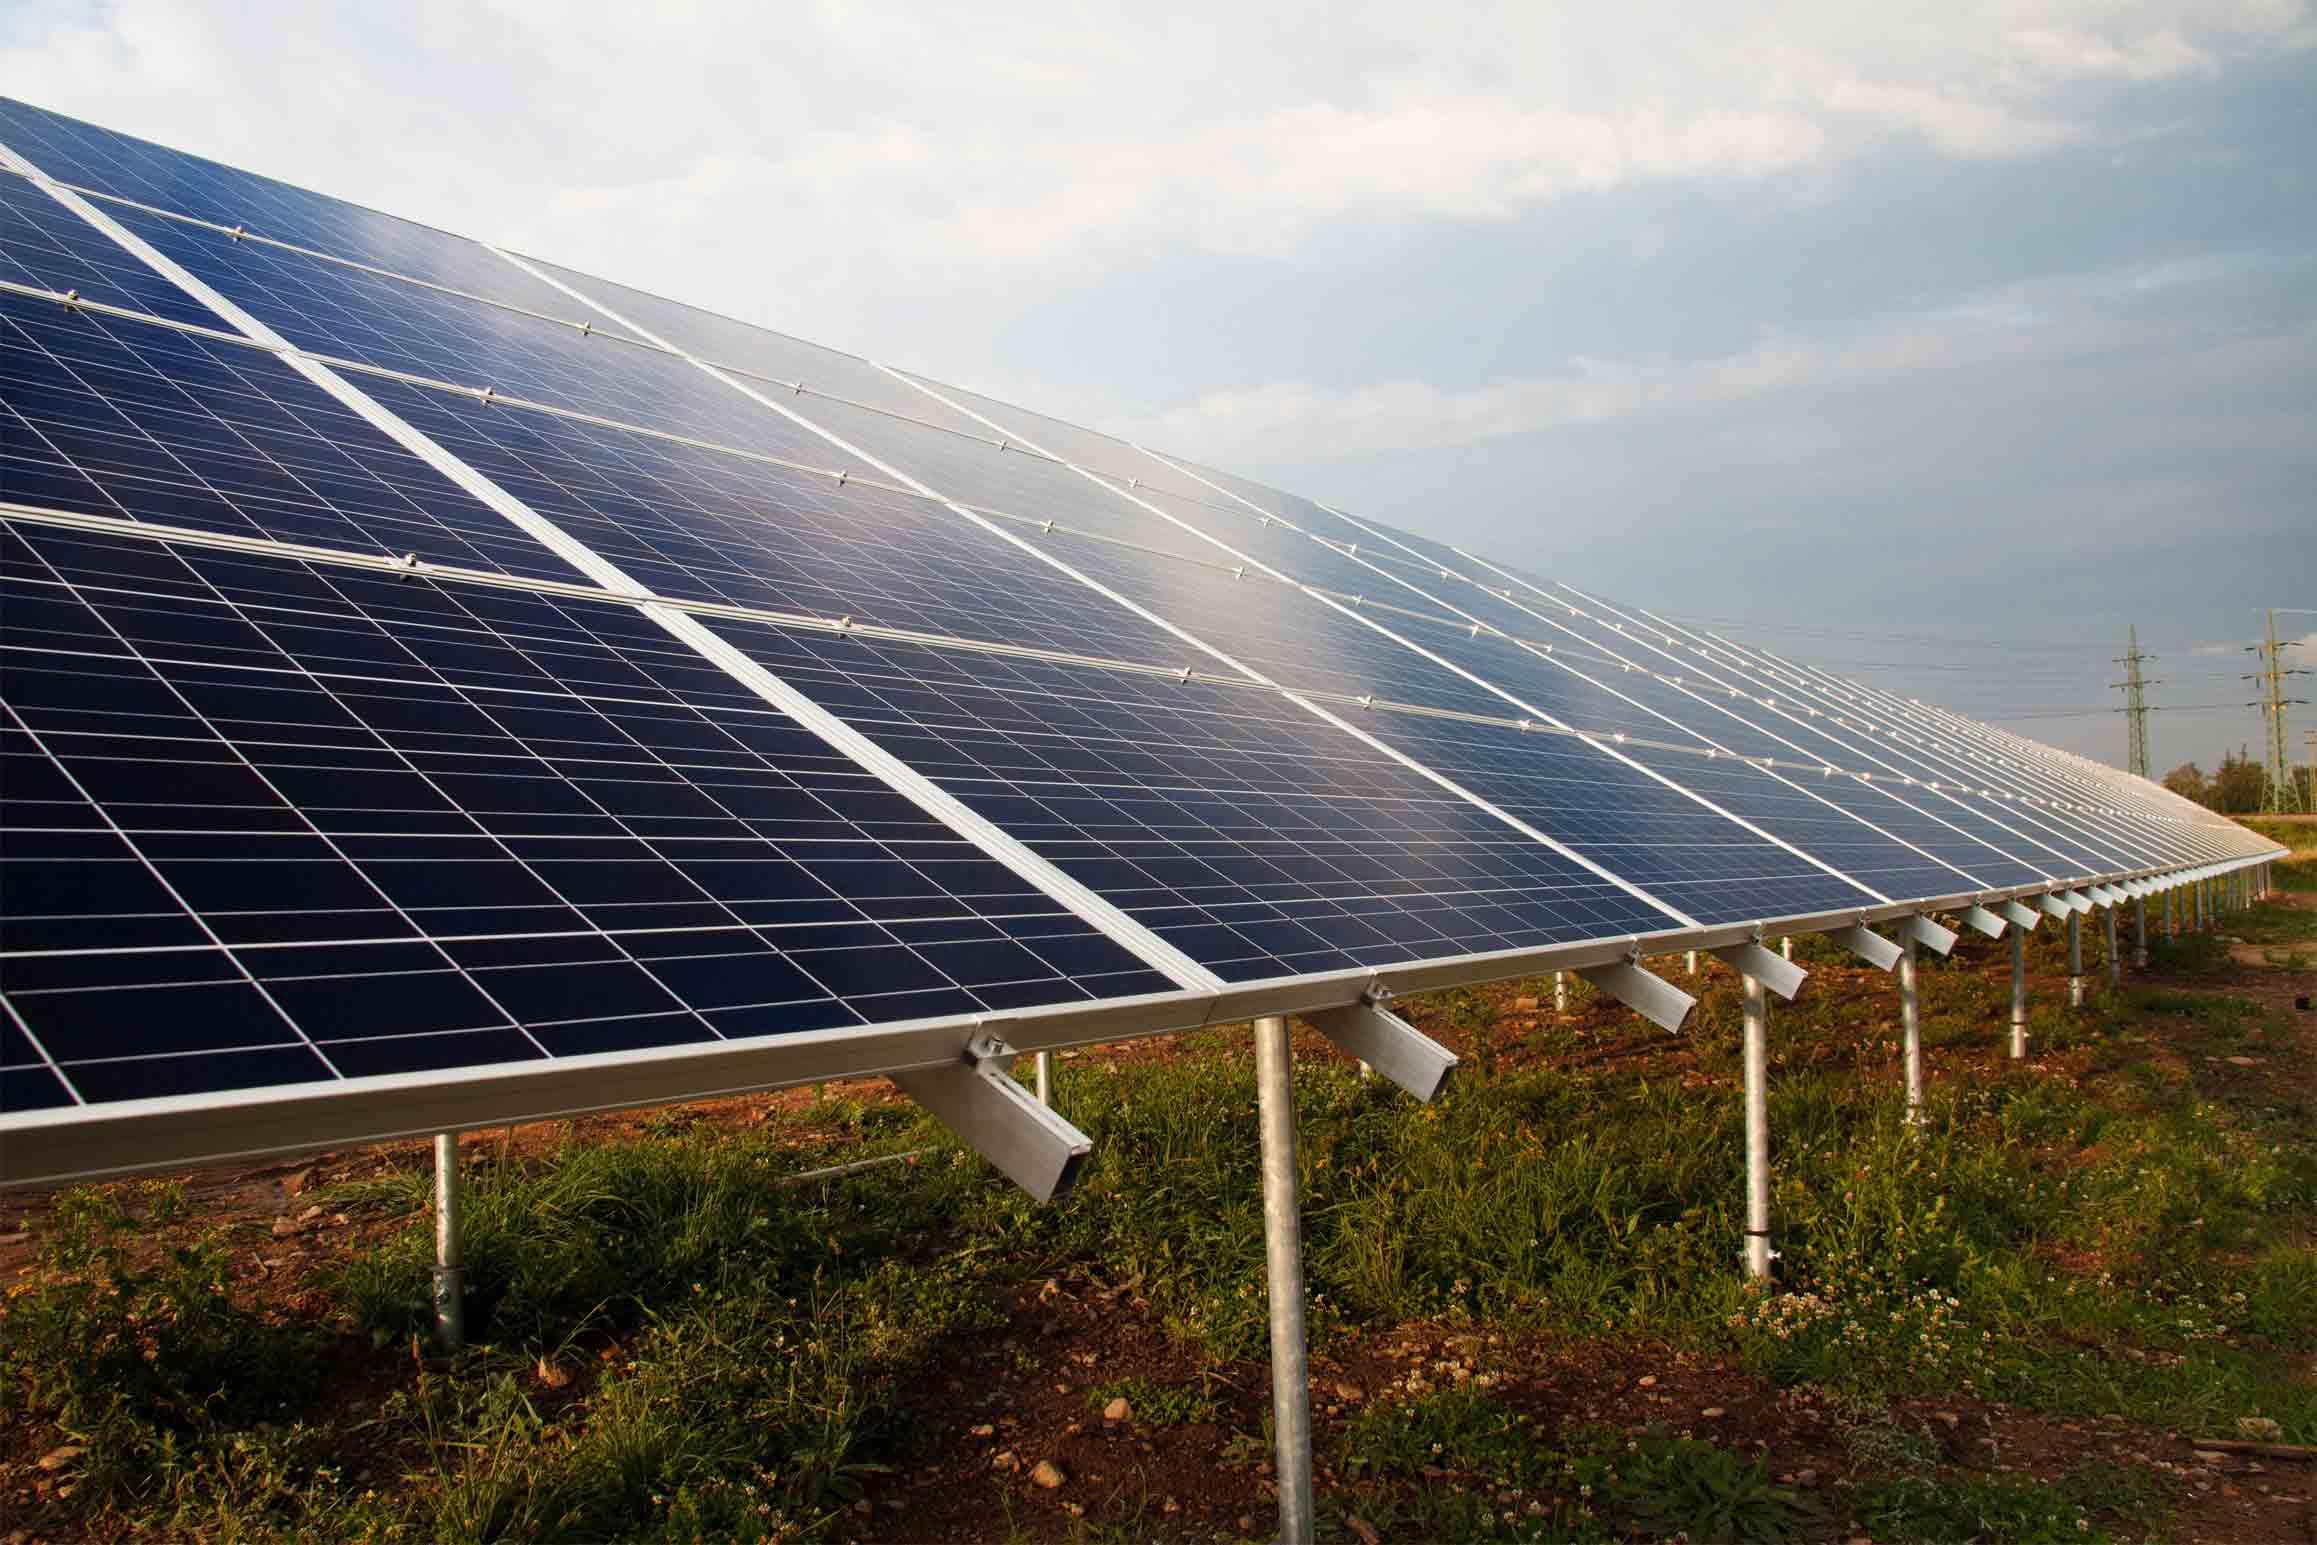 神木市天潤農業發展有限公司 20MWp分布式光伏發電項目